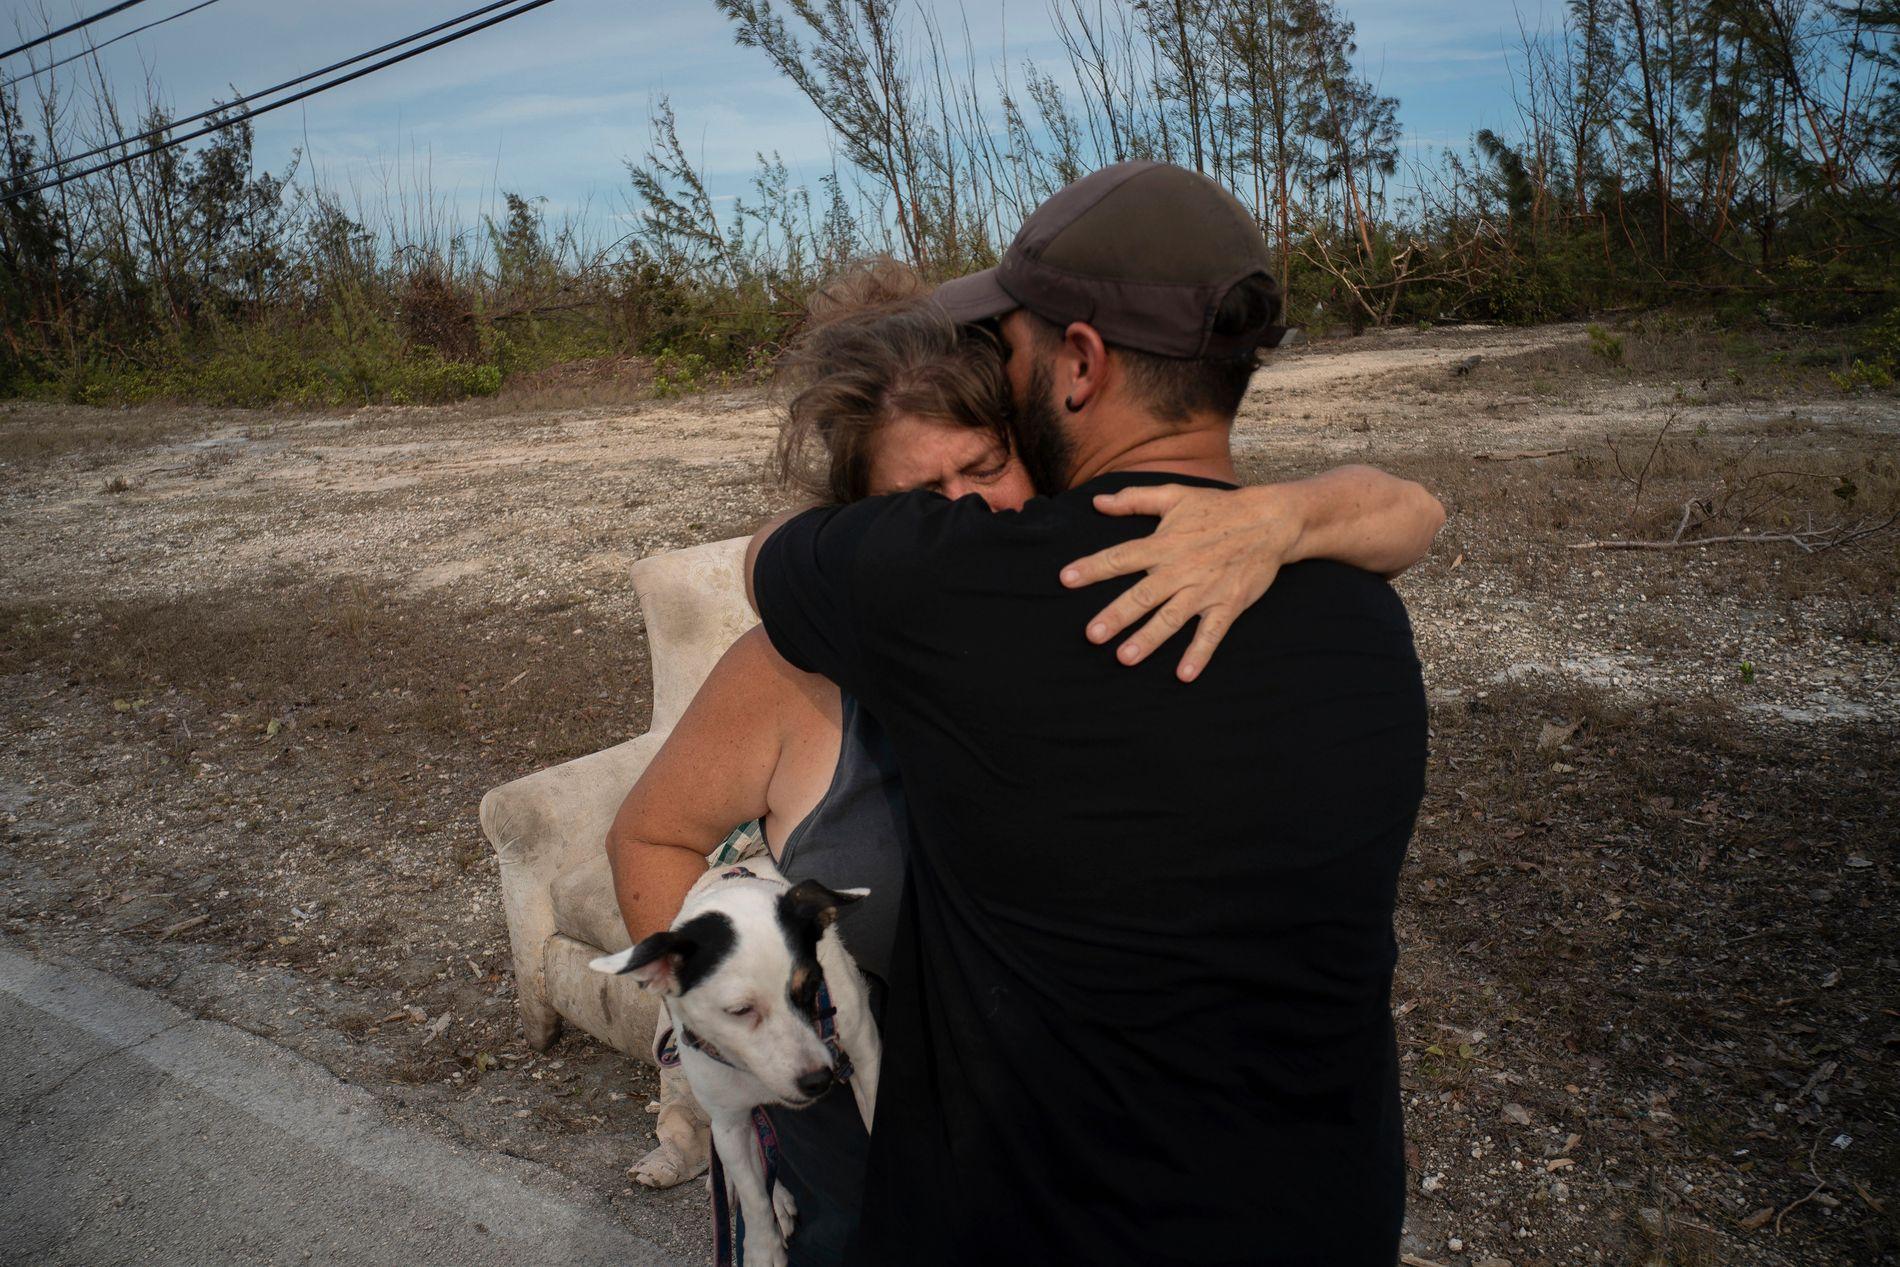 FIKK HJELP: Sissel Mosvold på Bahamas klemmer en frivillig som hjalp til med å evakuere moren hennes fra hennes flomrammede hjem i utkanten av byen Freeport.